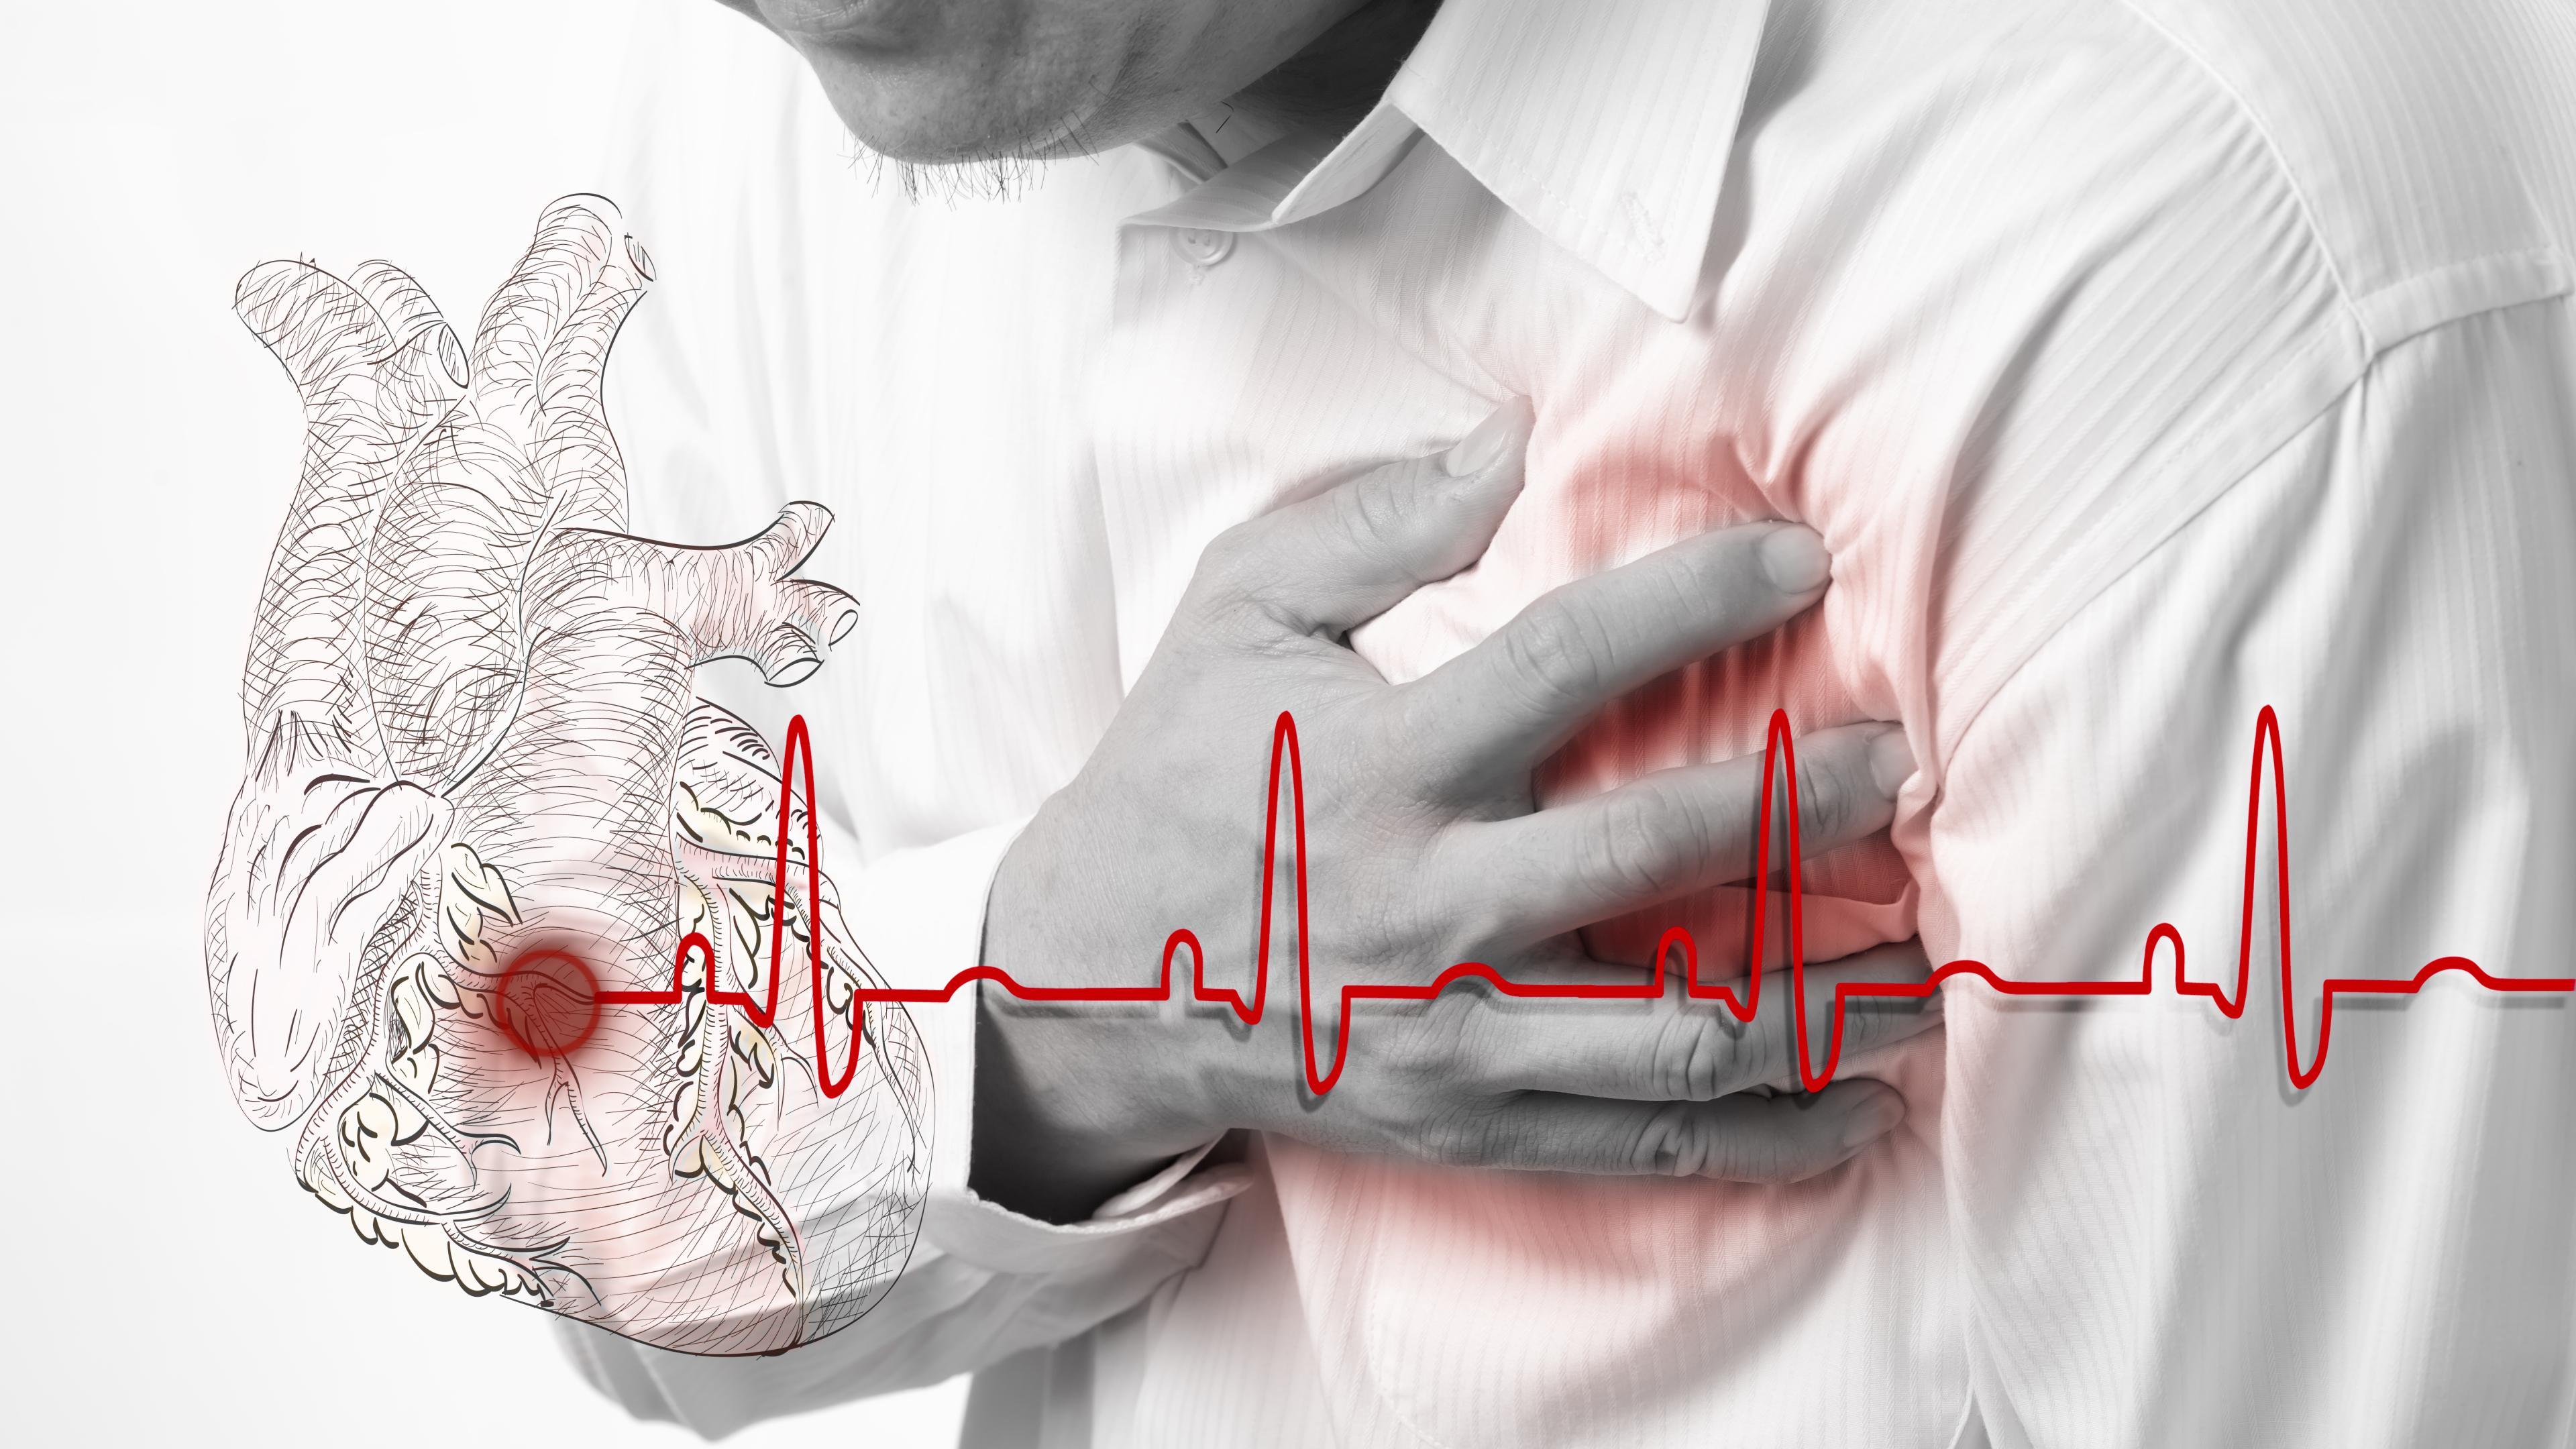 Вакцинация против гриппа может снизить риск инфаркта и инсульта